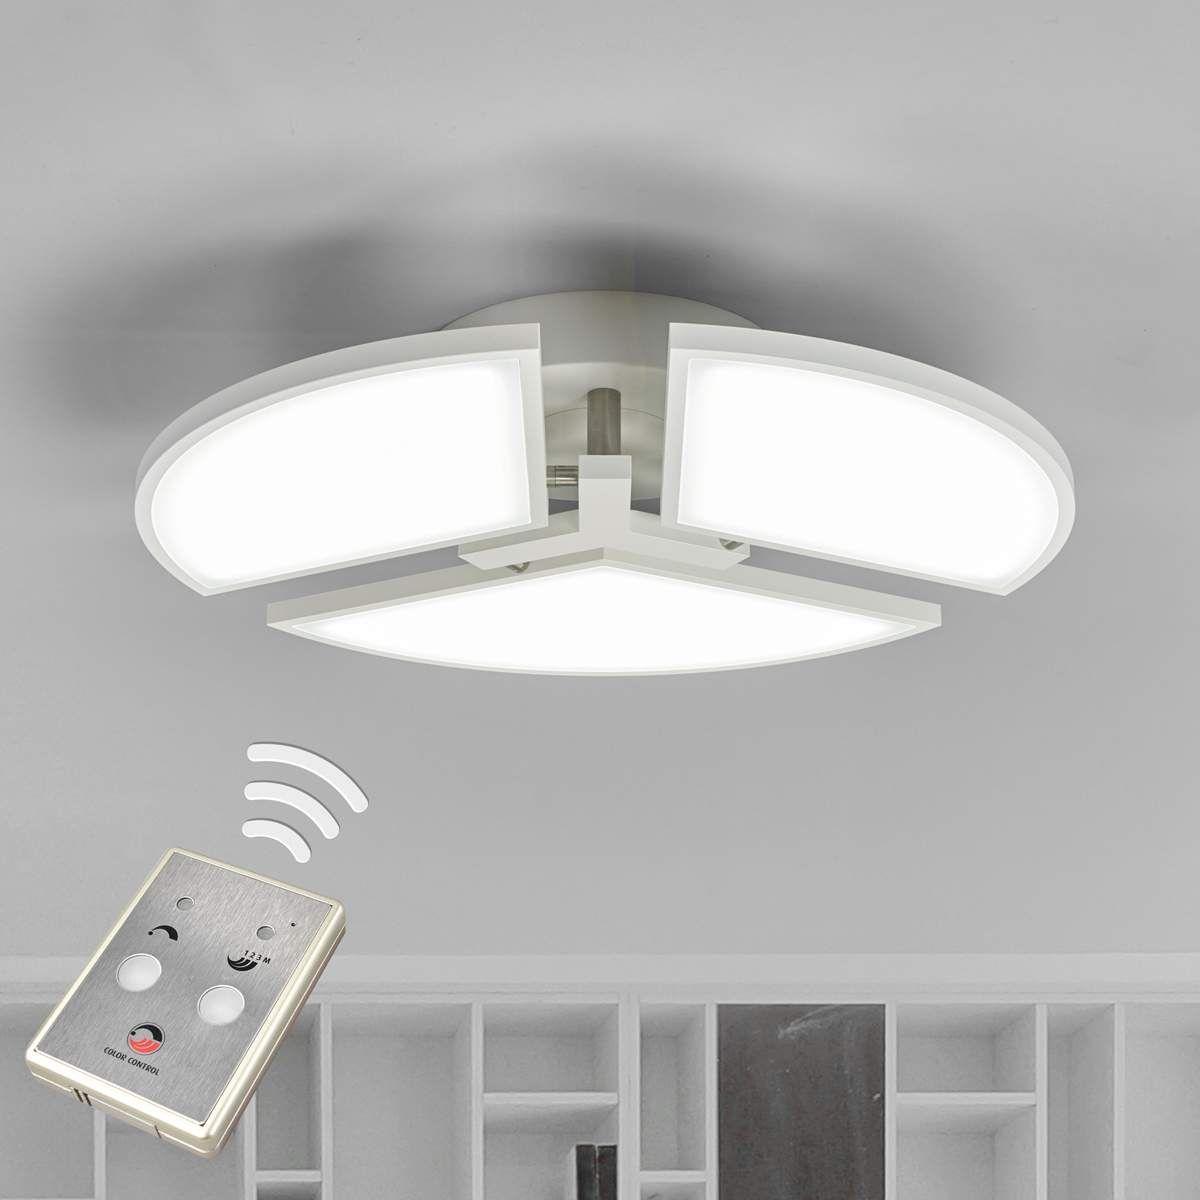 9W LED Decken Spot Lampe Strahler Esszimmer Küche Beleuchtung ØxH 250x150mm GU10